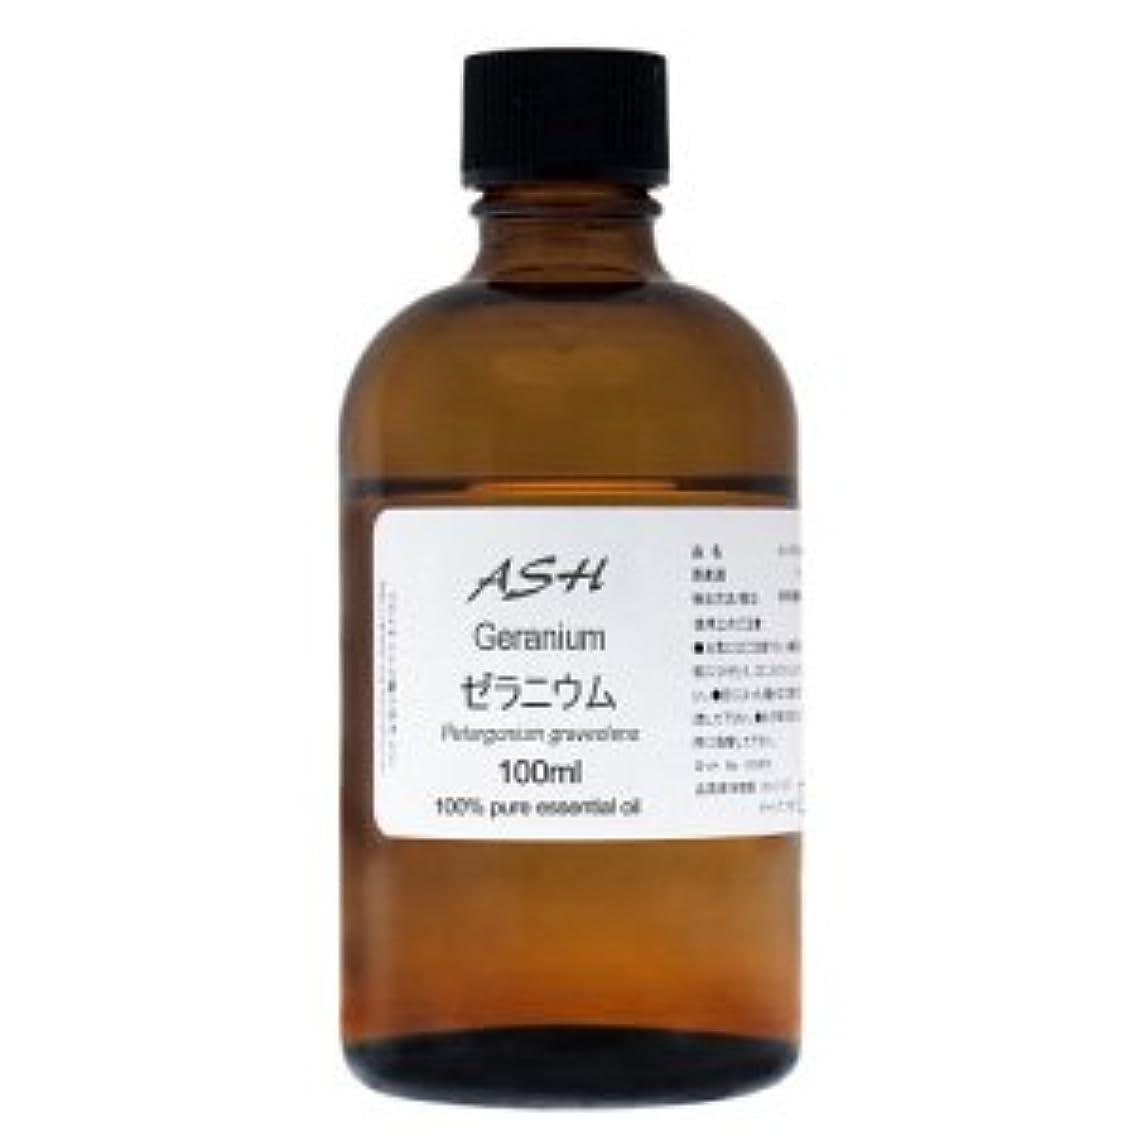 おもちゃソファー終了するASH ゼラニウム エッセンシャルオイル 100ml AEAJ表示基準適合認定精油